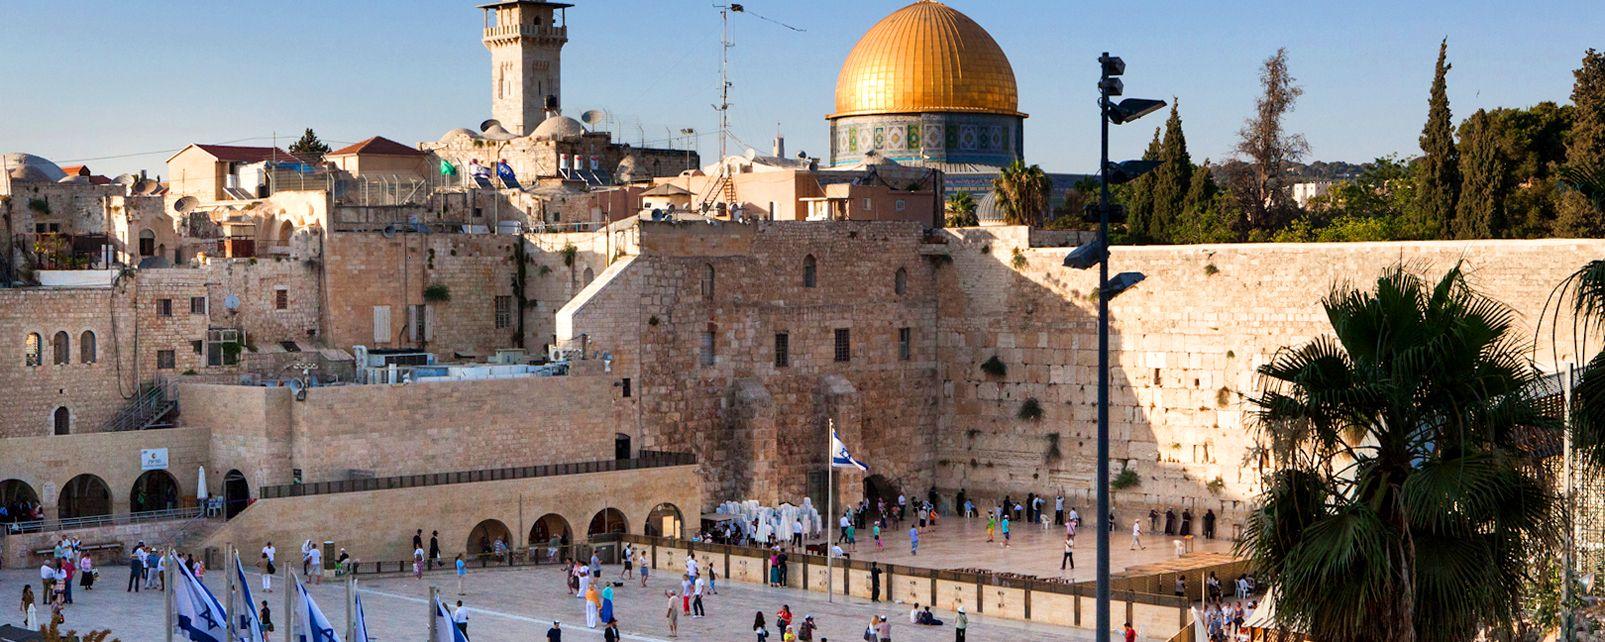 Il Muro del pianto , Il muro del Pianto, Gerusalemme, Israele , Israele